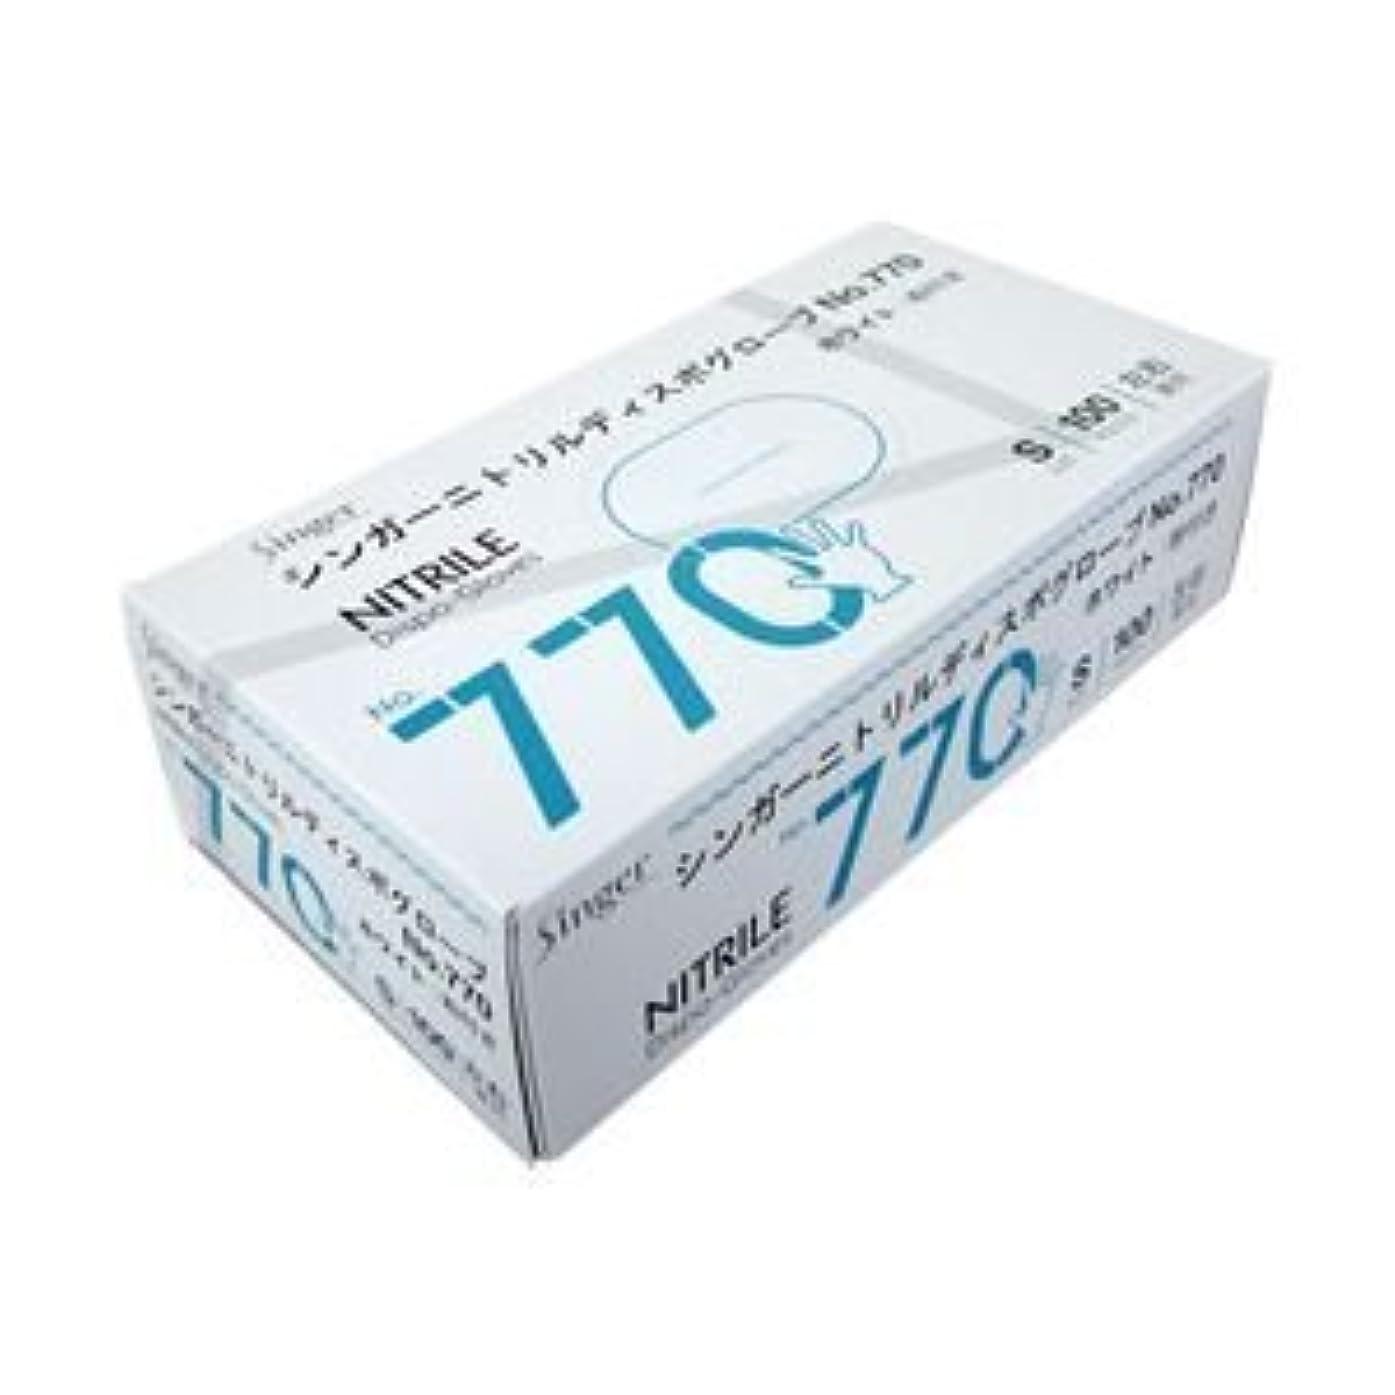 インストールピアニストビジュアル宇都宮製作 ニトリル手袋770 粉付き S 1箱(100枚) ×5セット